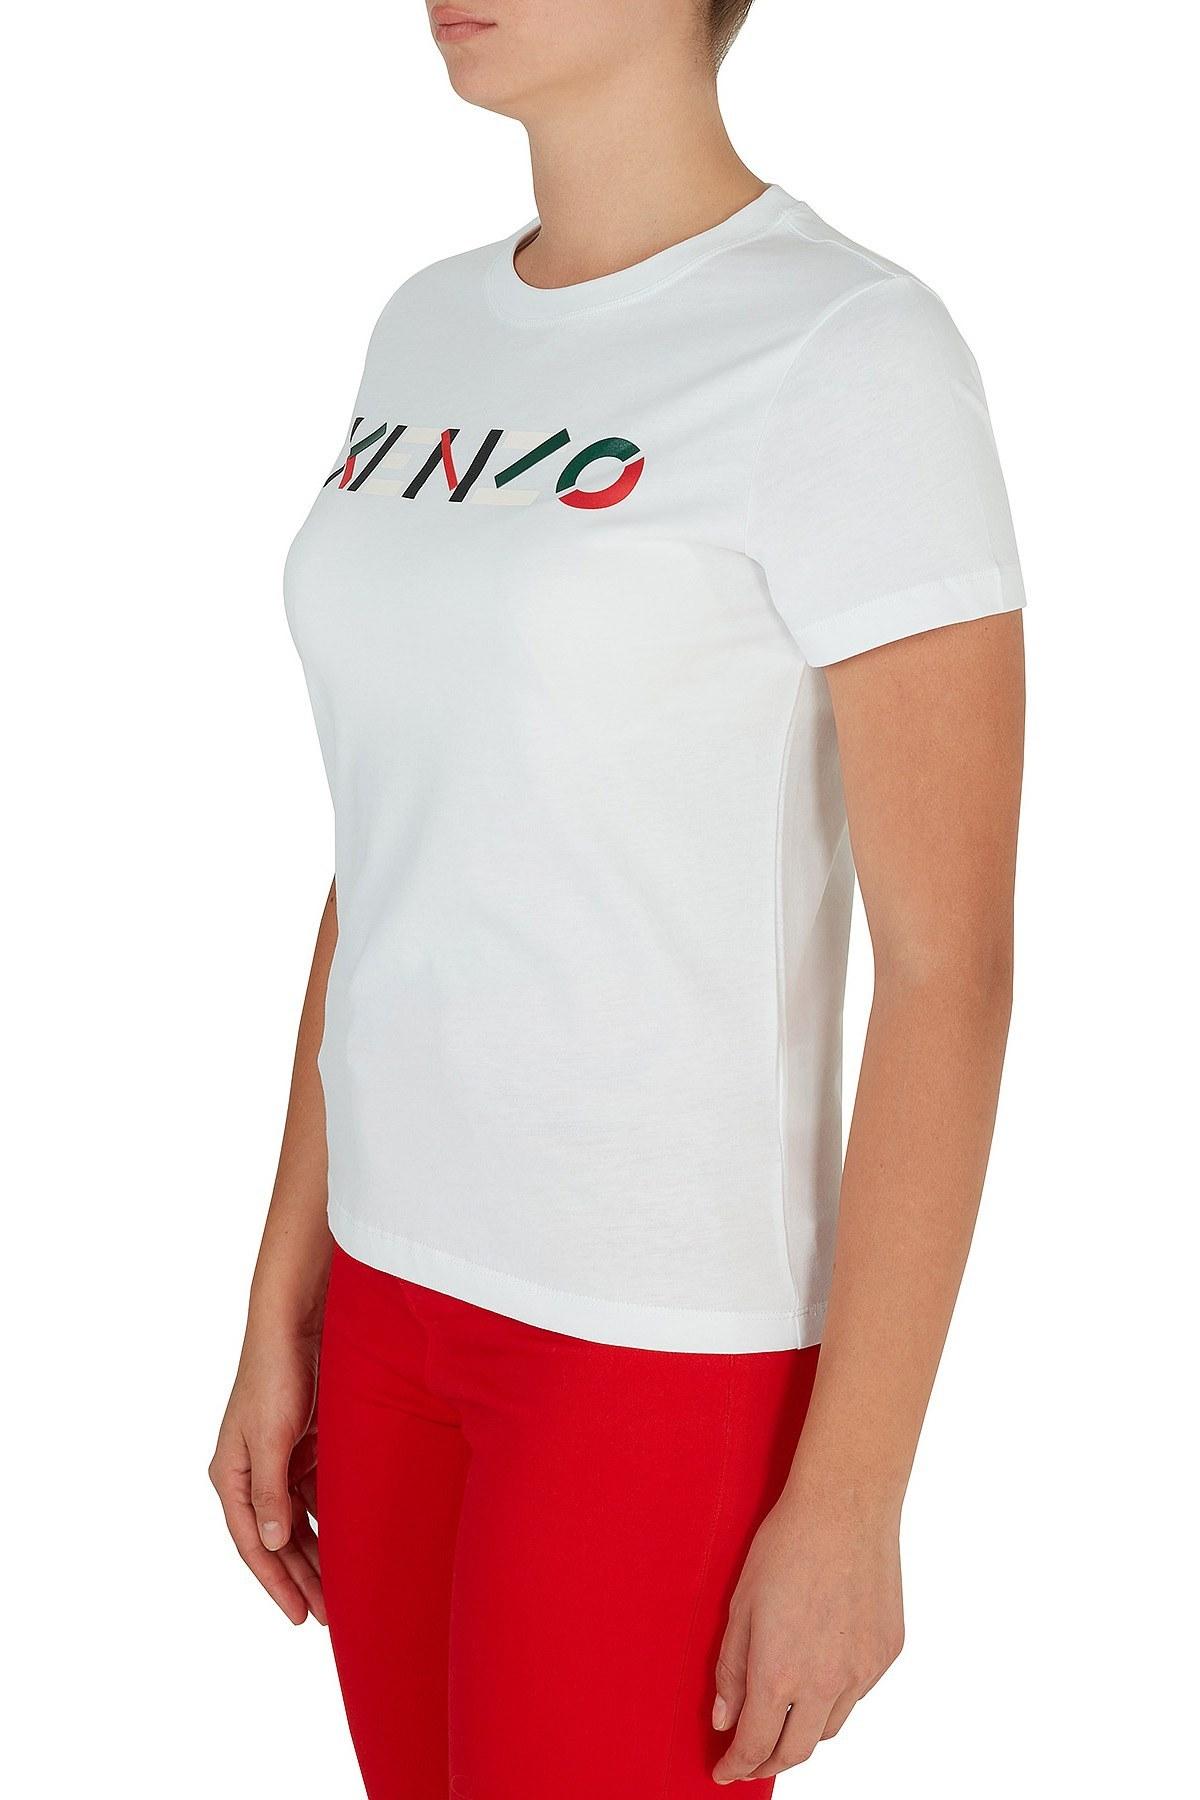 Kenzo Baskılı Bisiklet Yaka % 100 Pamuk Kadın T Shirt FA6 2TS840 4SJ 01 BEYAZ